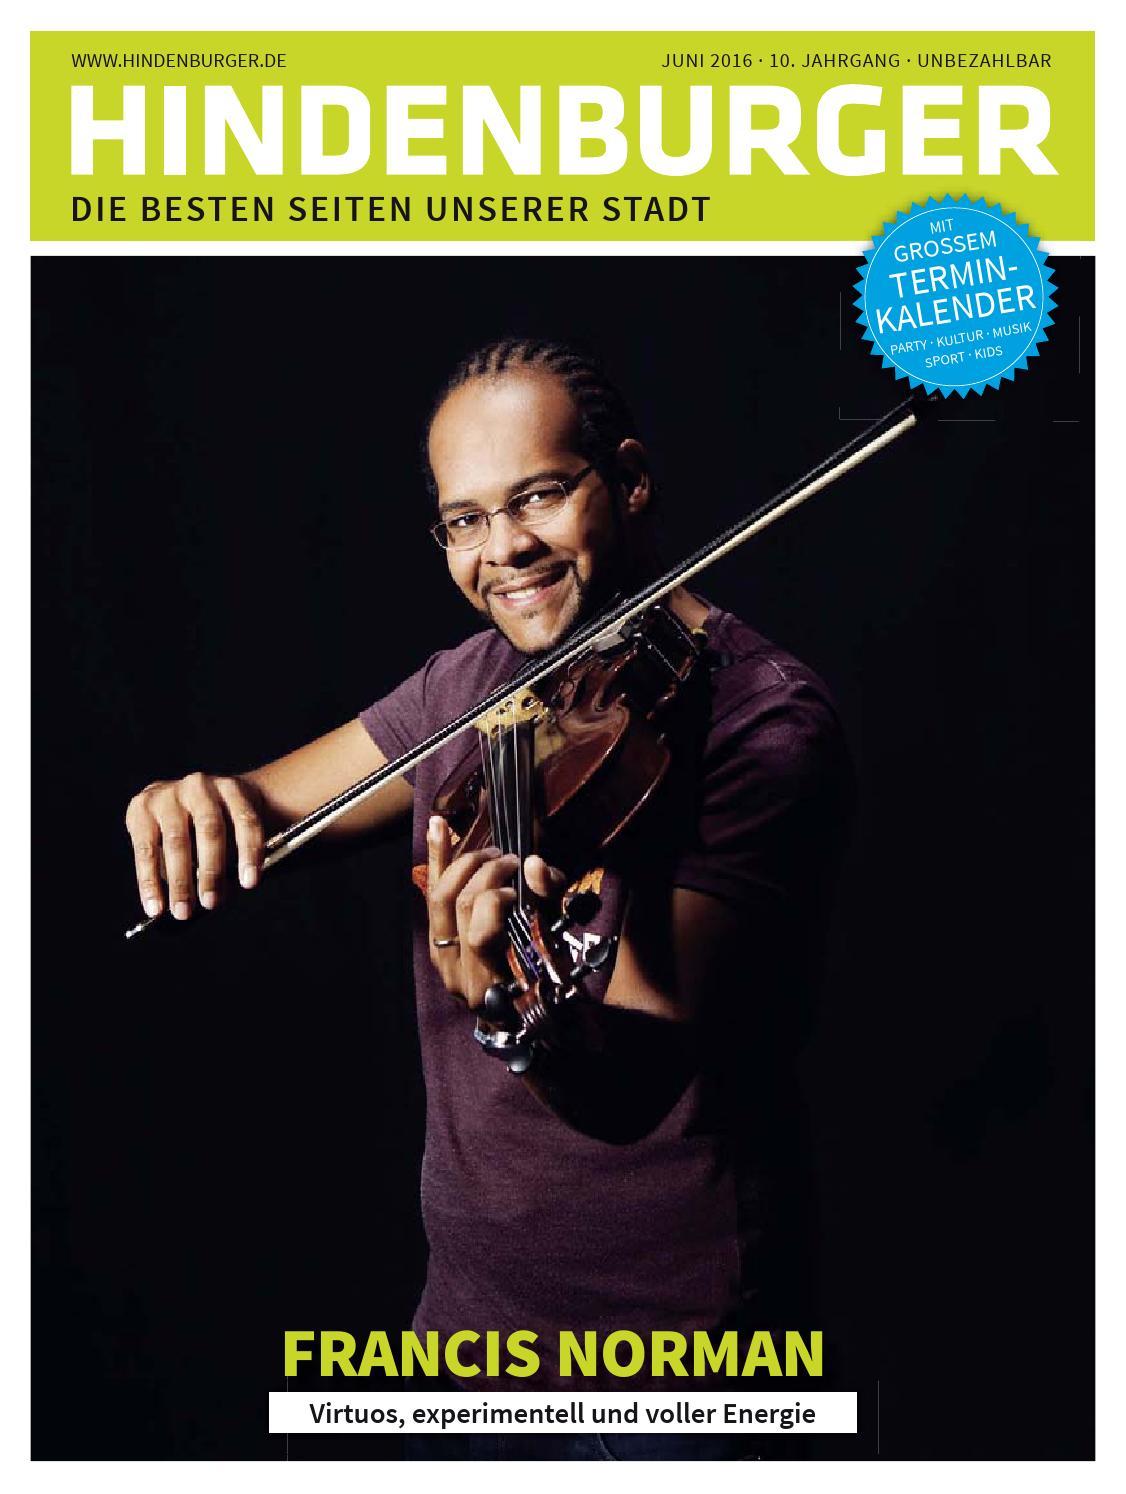 Hindenburger Ausgabe Juni 2016 by hindenburger-stadtmagazin - issuu